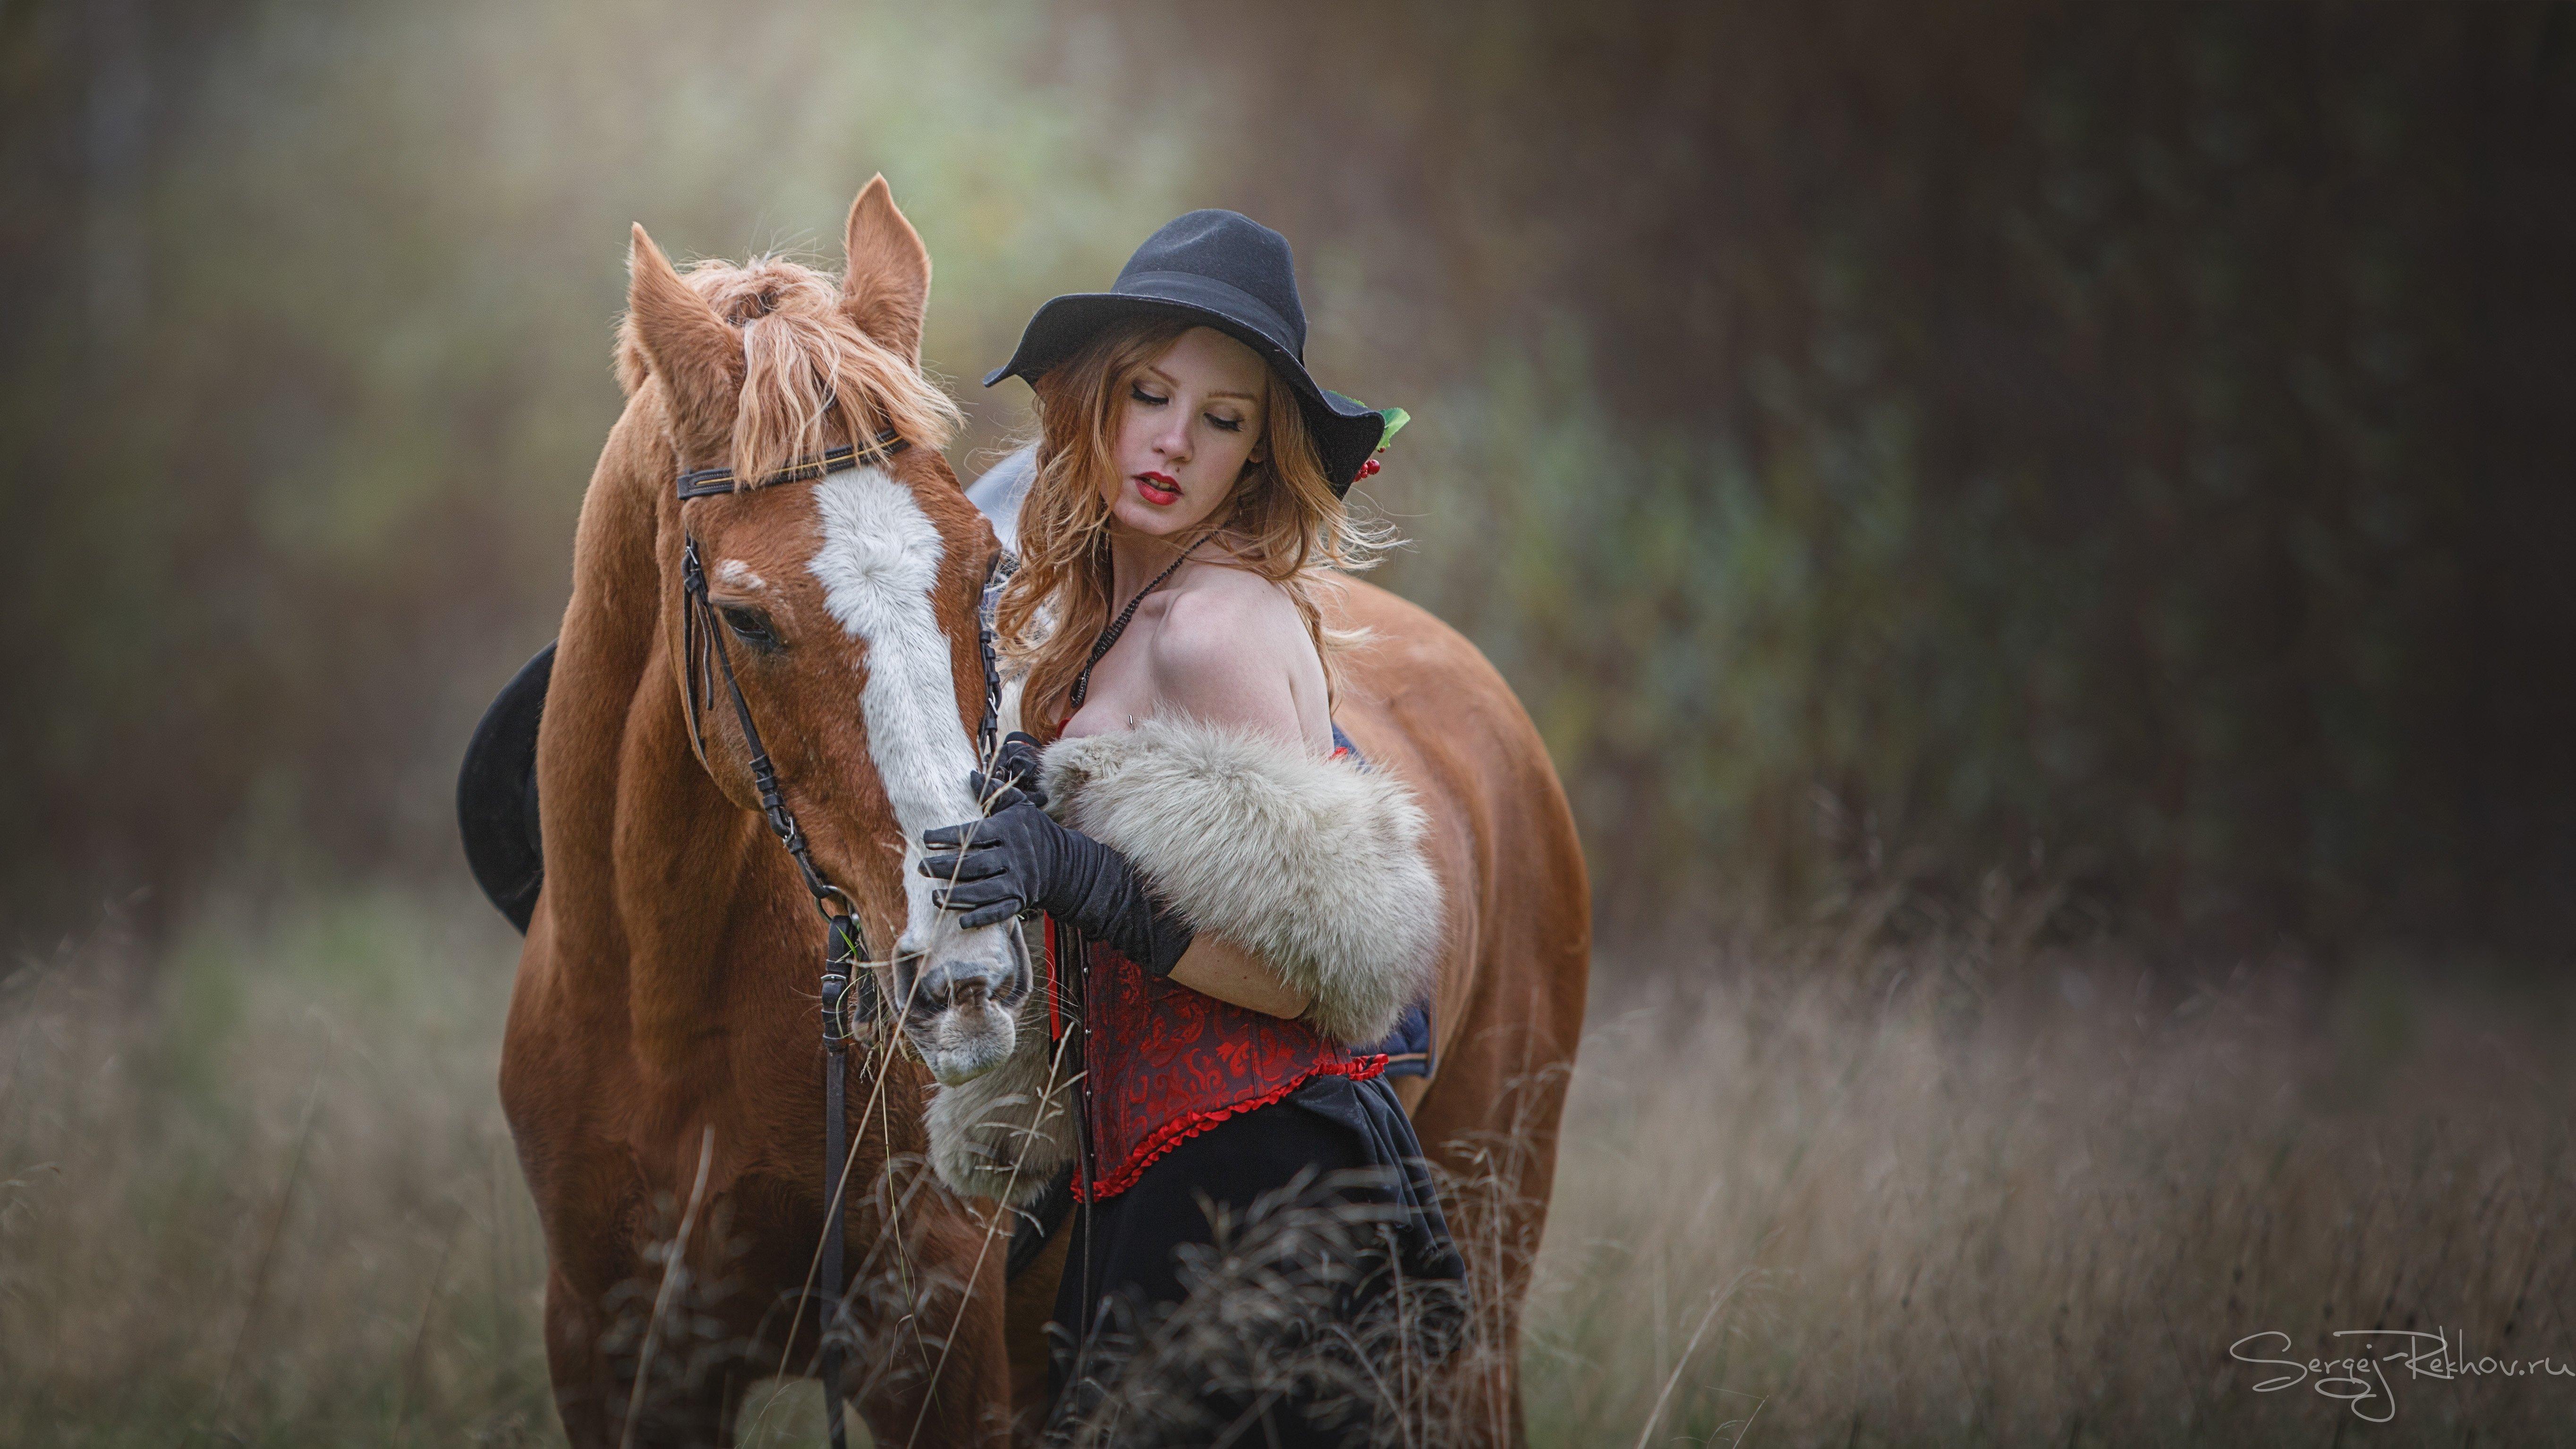 конюшня, девушка, конь, животное, рехов, СергейРехов, rekhov, sergejrekhov, Сергей Рехов